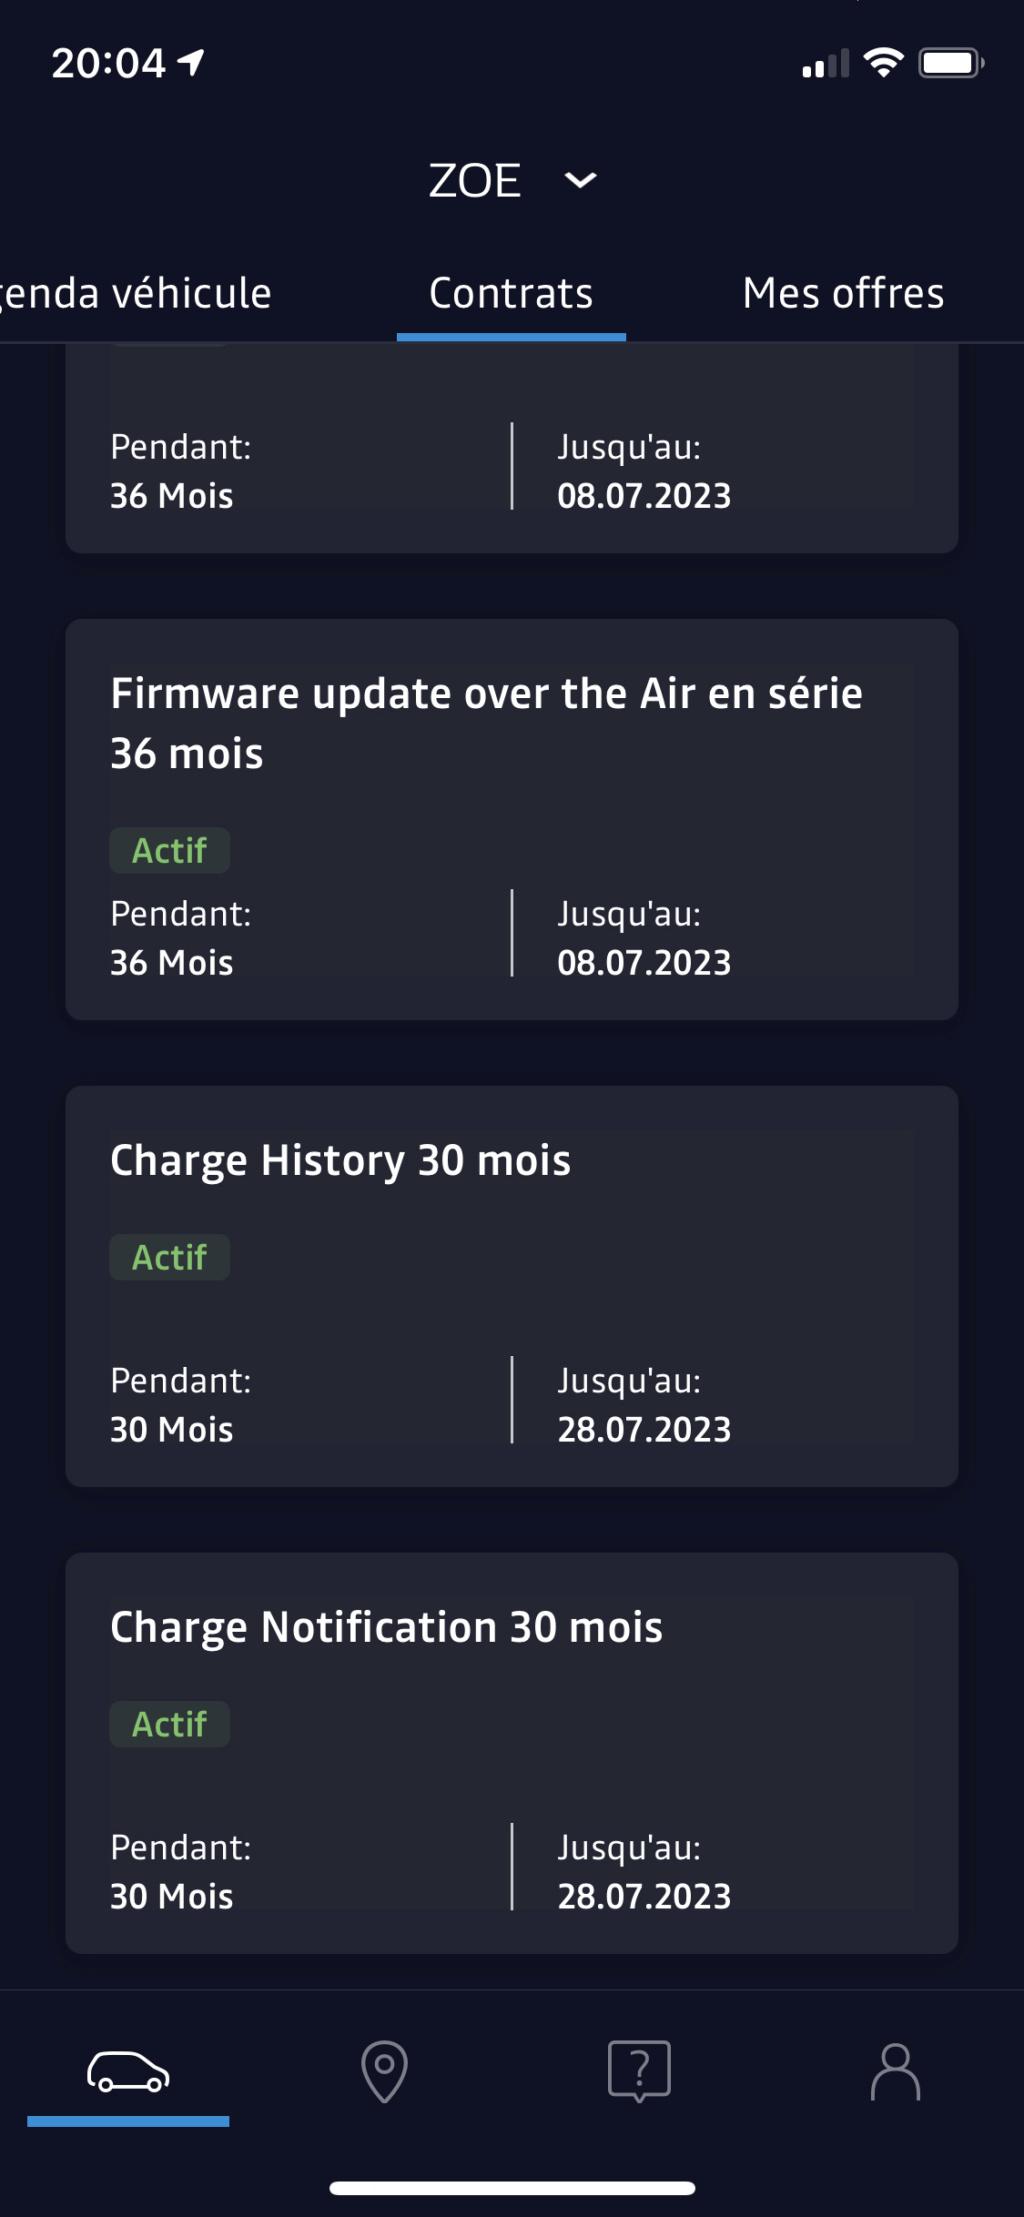 """Nouveau : """"charge notification"""" et """"charge history"""" - Page 2 61a1de10"""